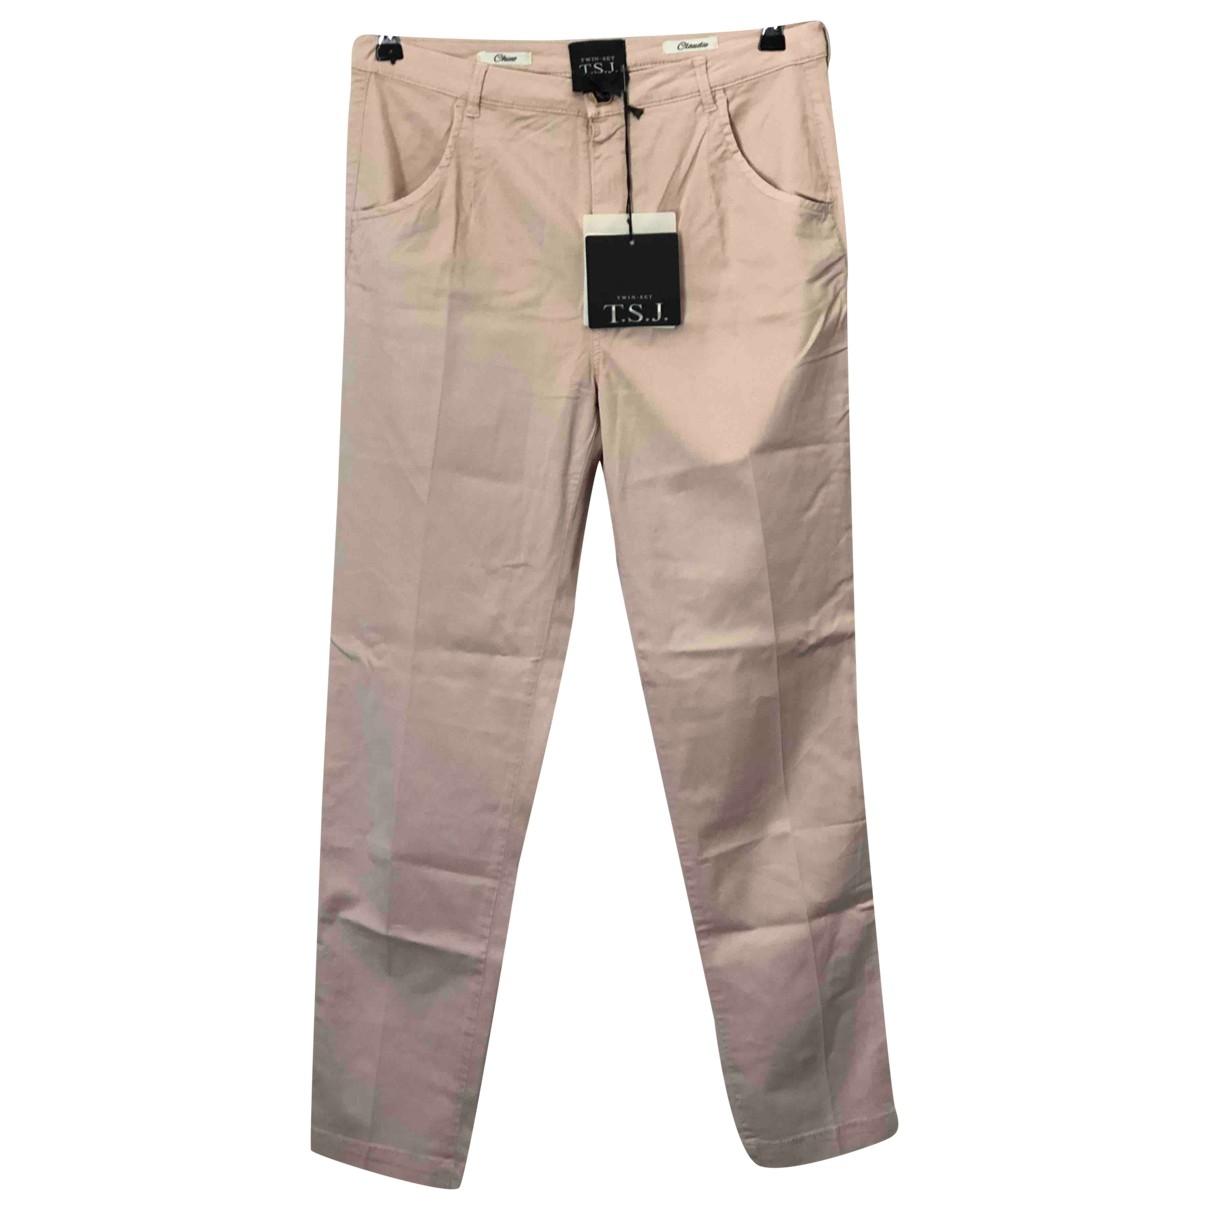 Twin Set \N Ecru Trousers for Women S International